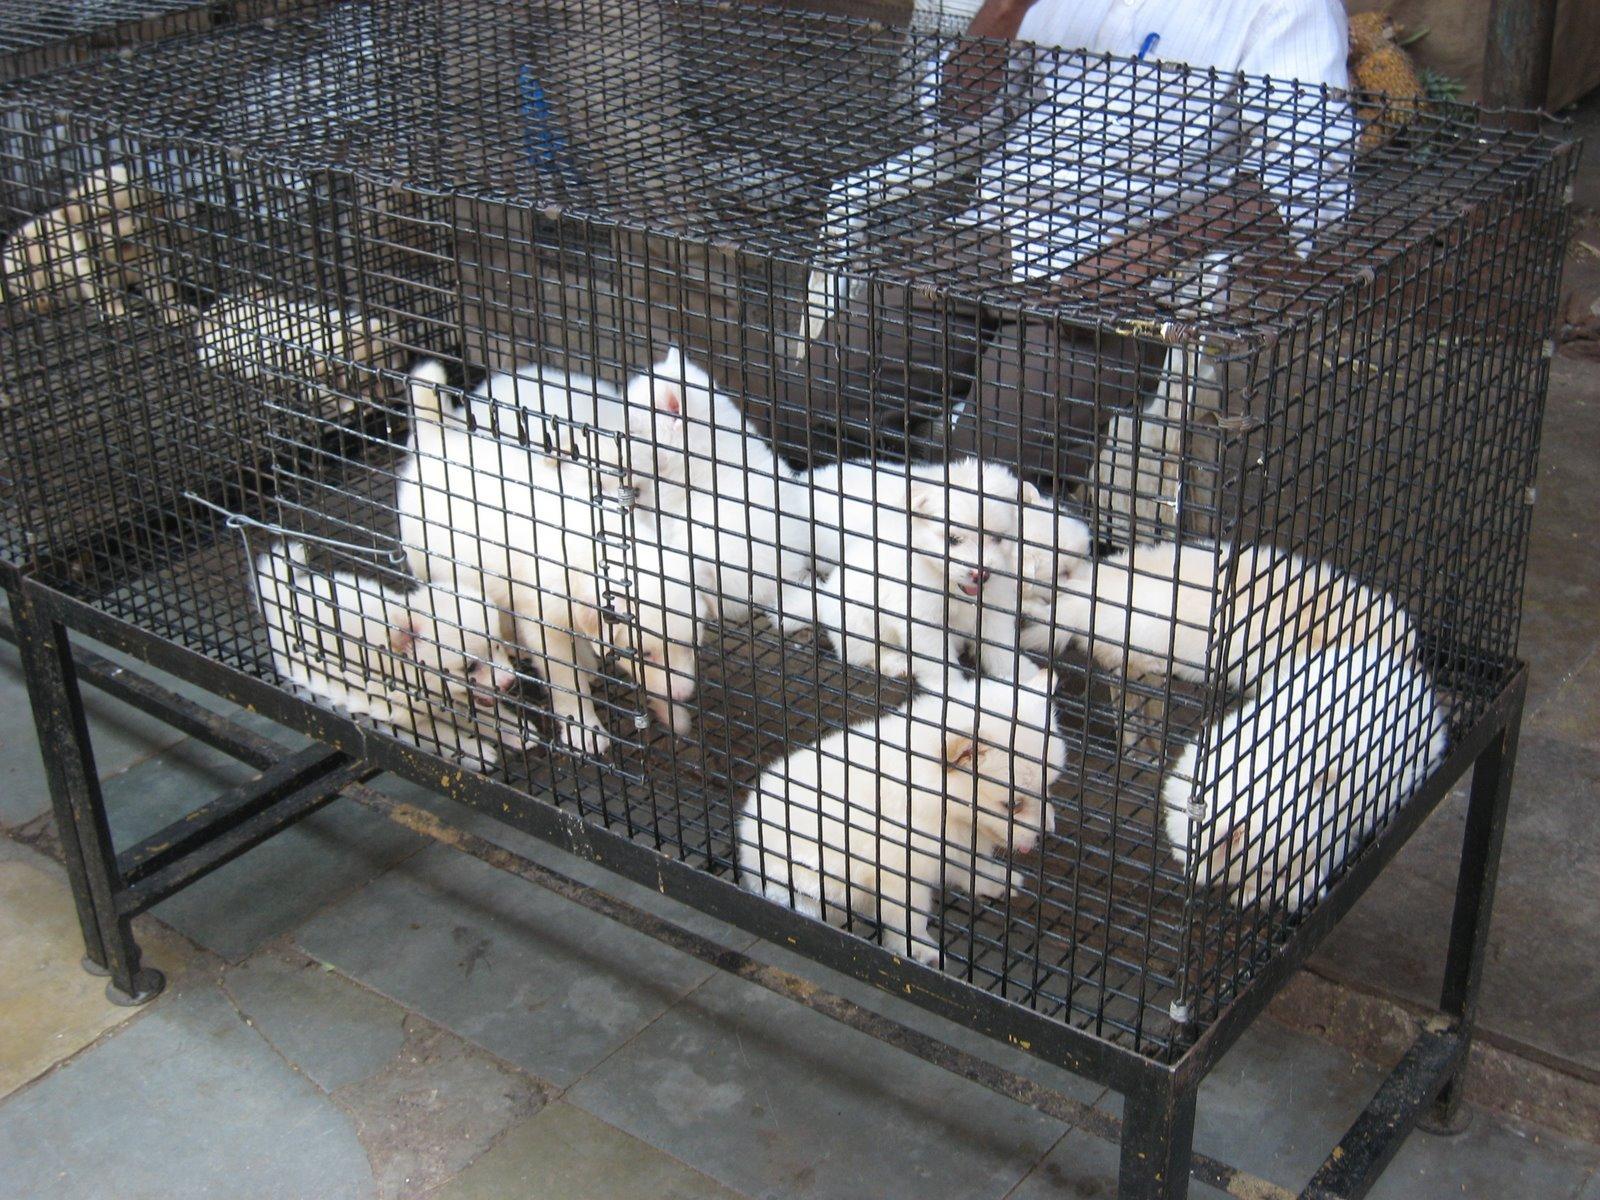 Puppy World Puppy Mills Photos